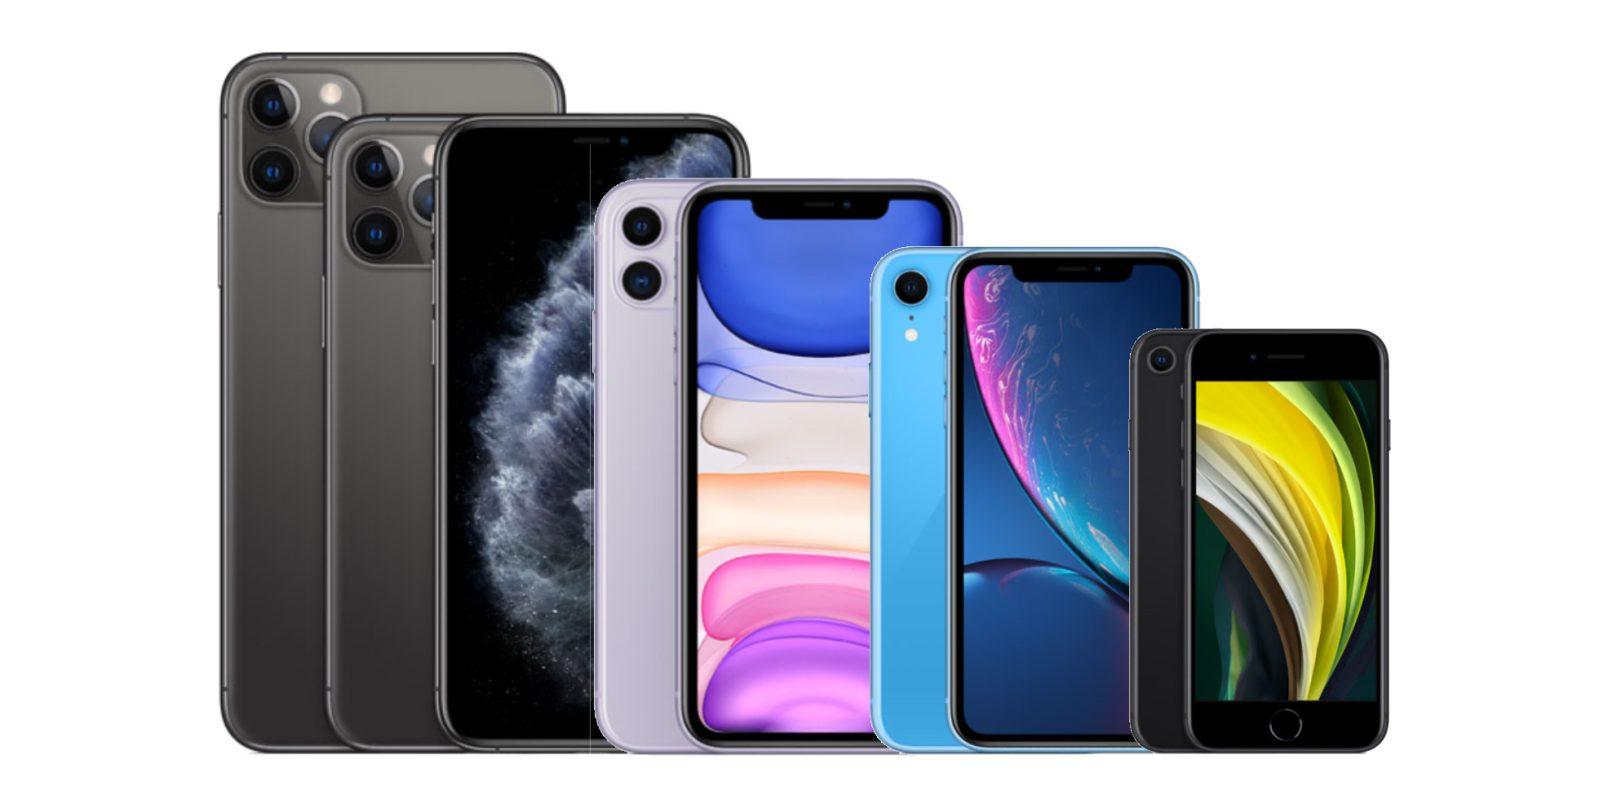 Minh họa các dòng Iphone